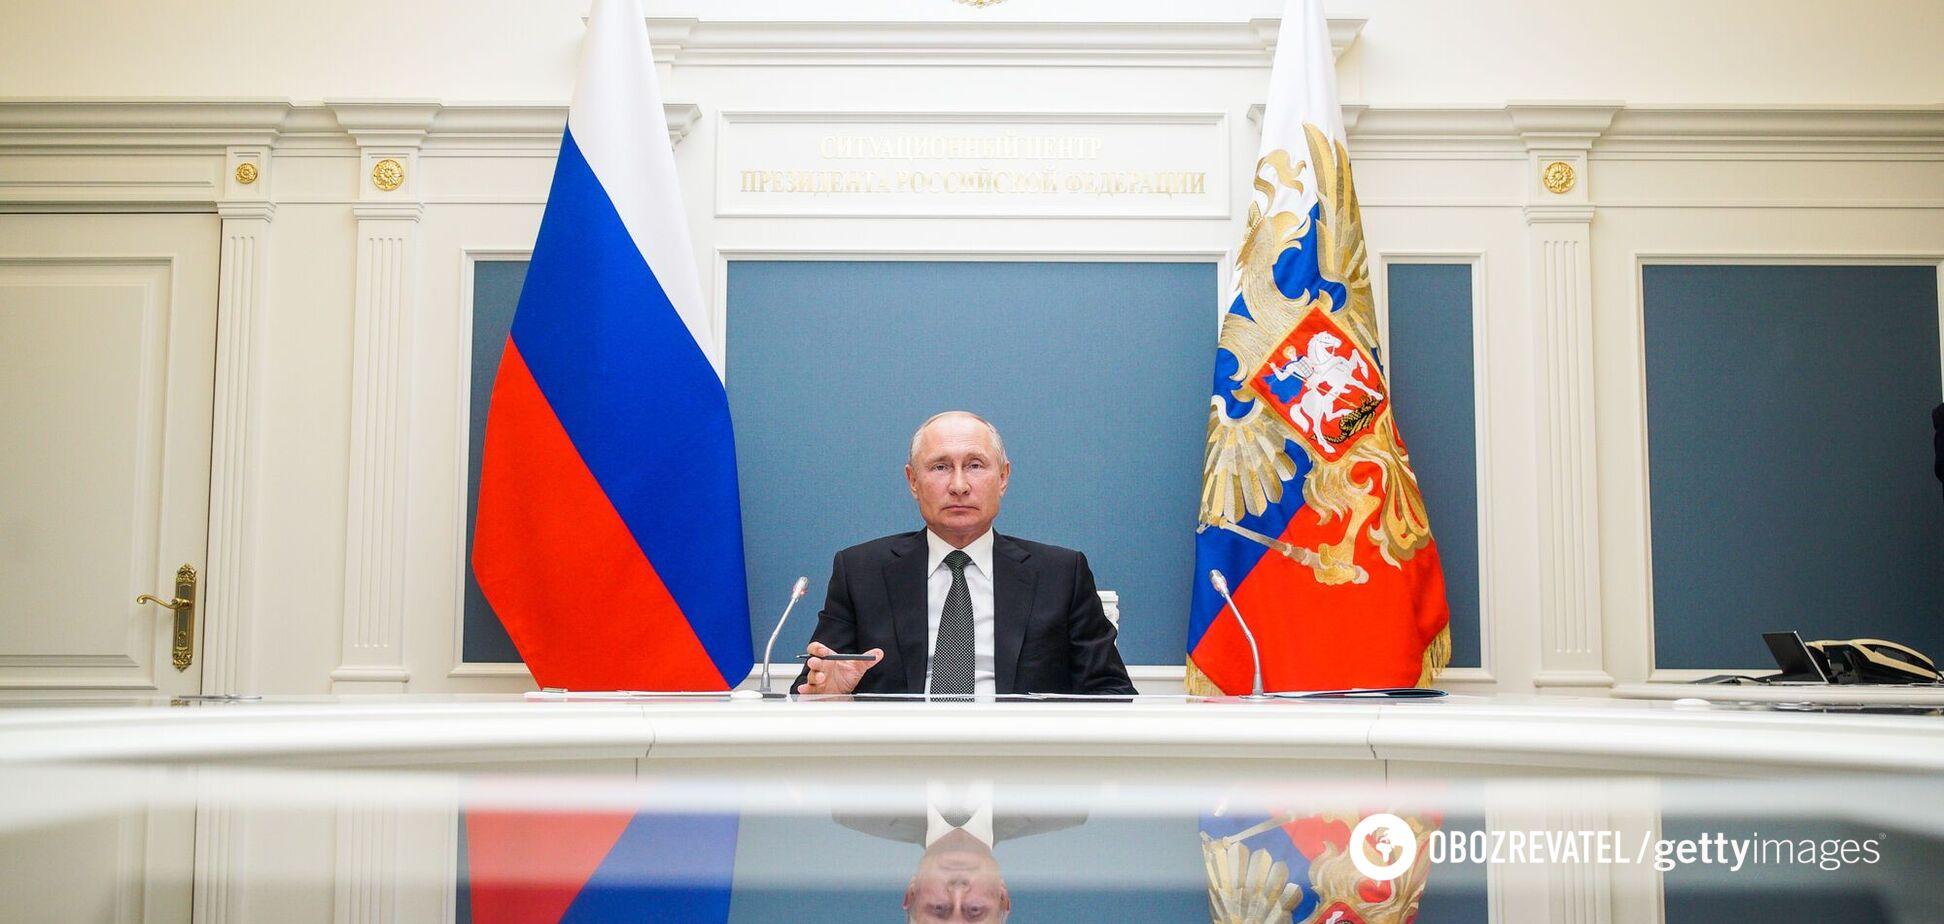 Послання Путіна щодо України: чому не заявив про оголошення війни?